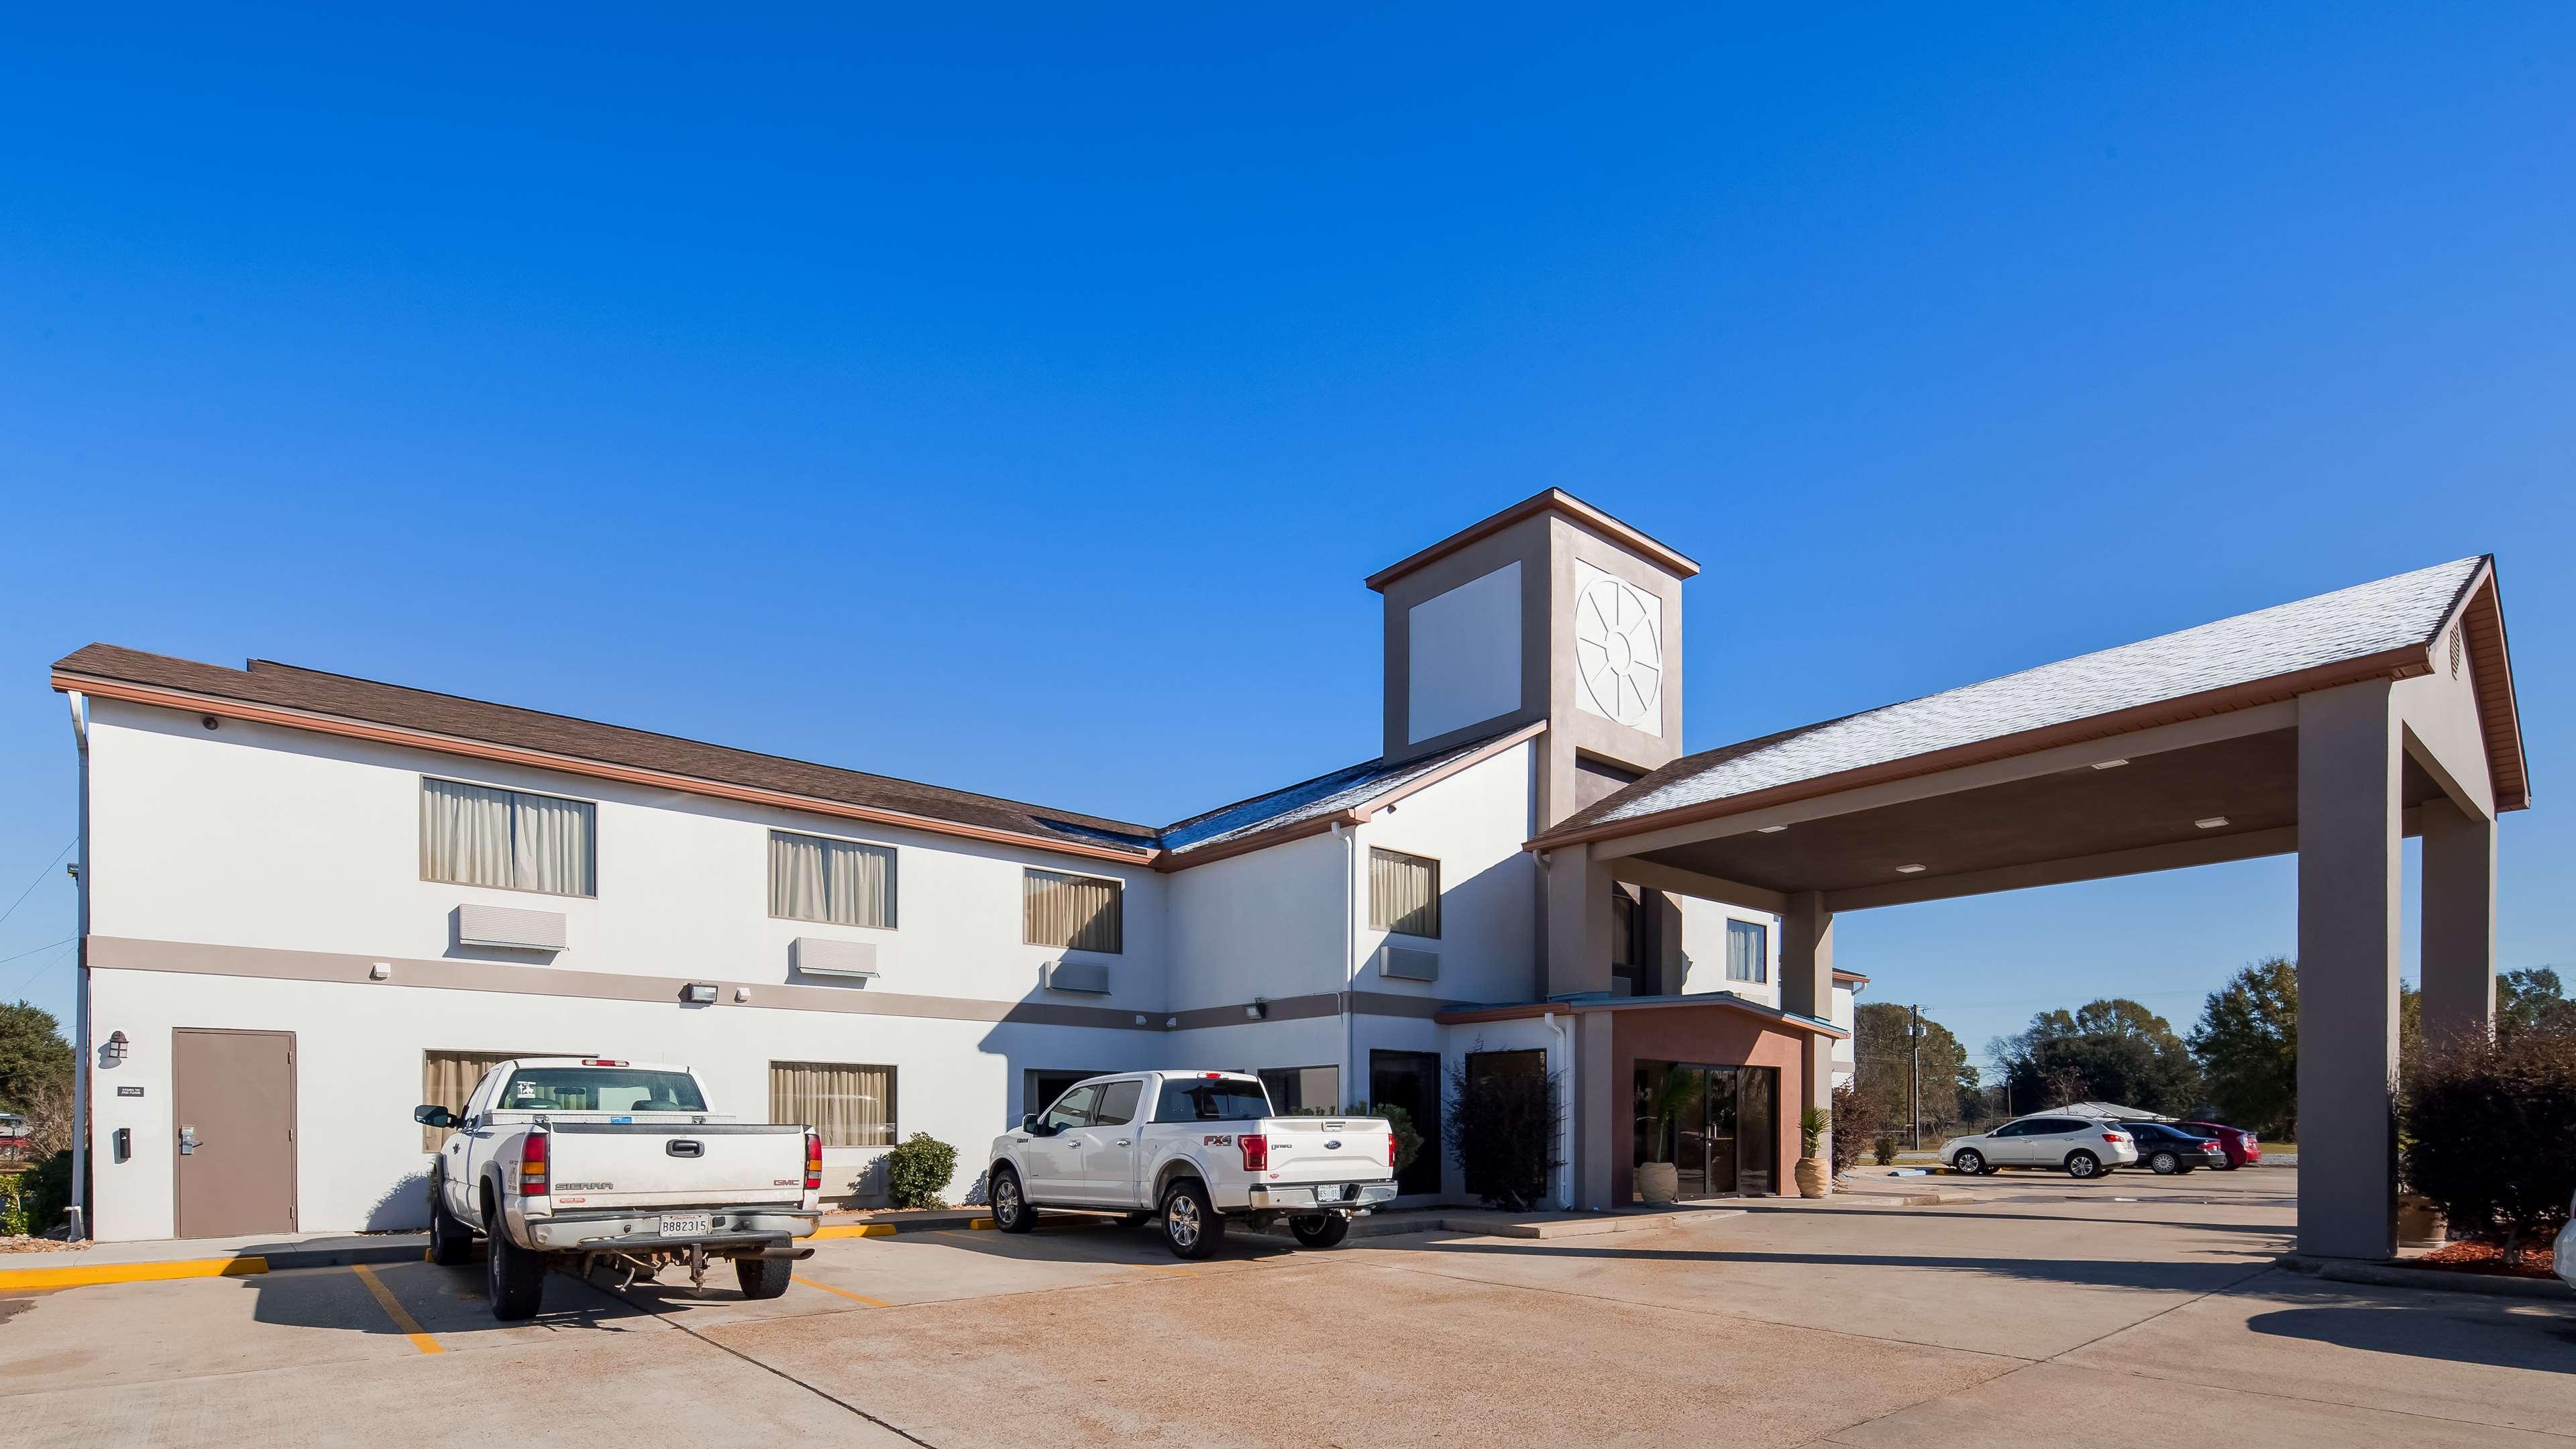 Best Western Ville Platte, Evangeline